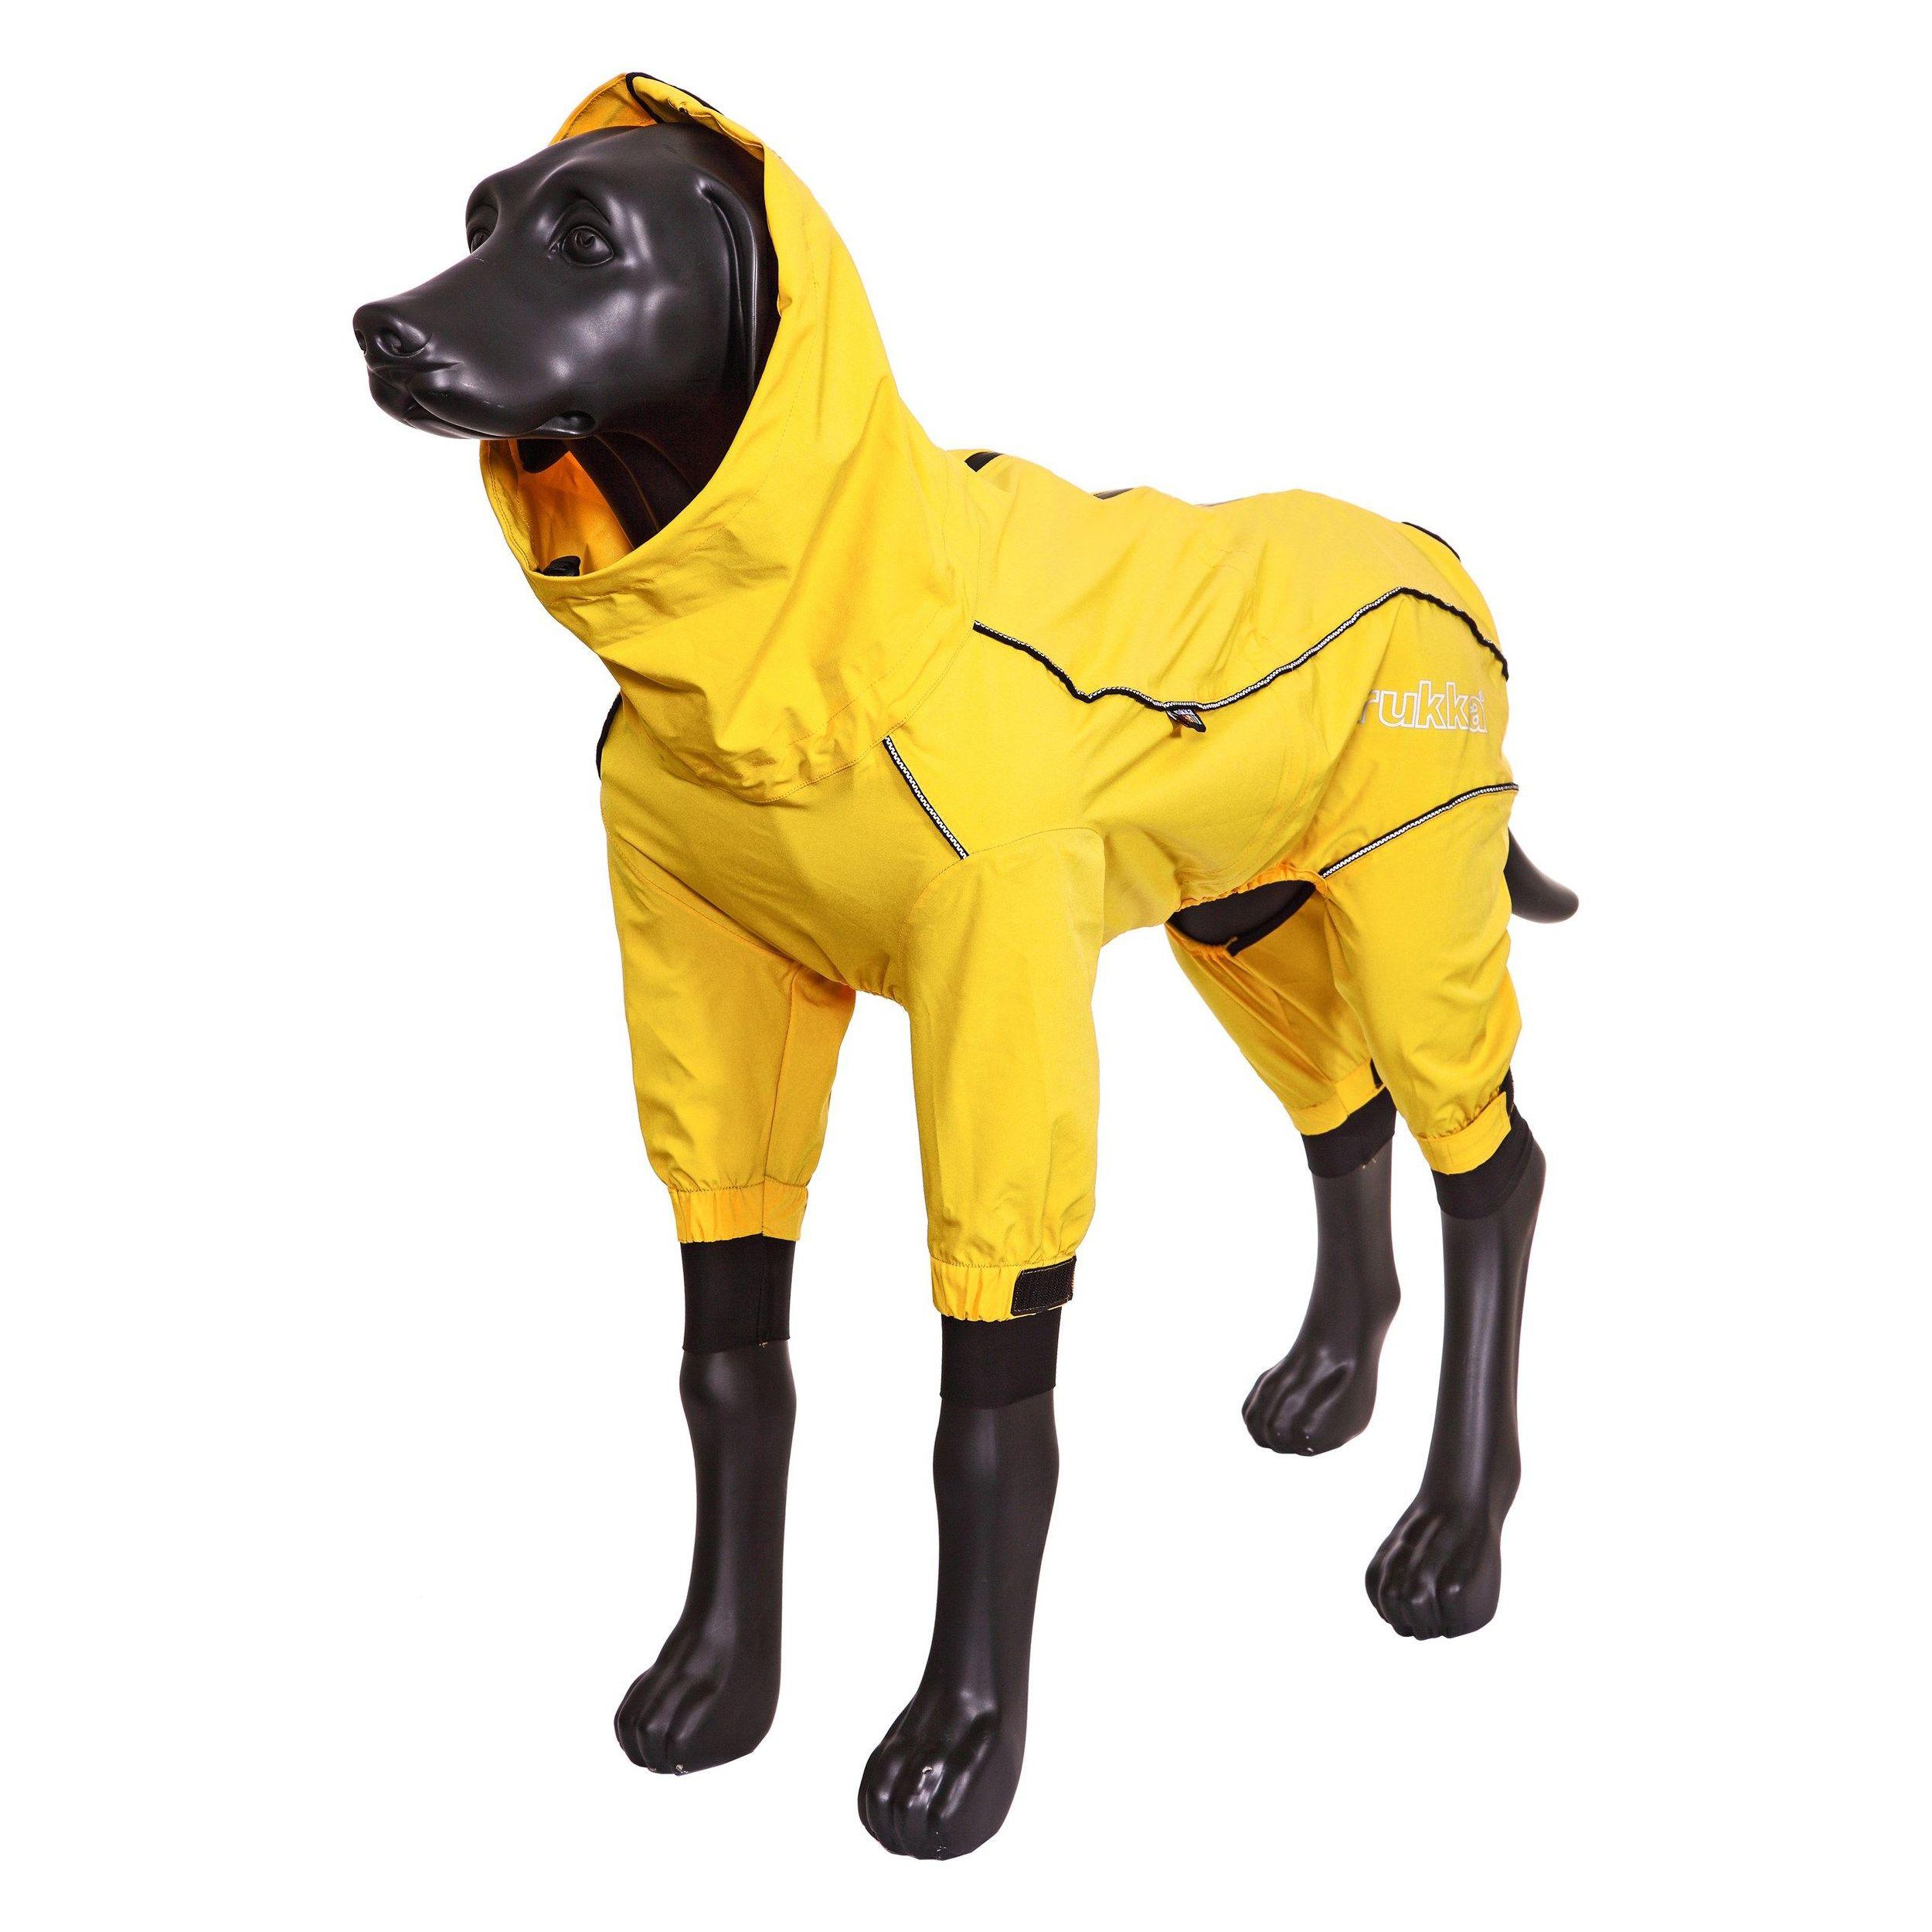 купить Комбинезон для собак RUKKA Protect overall 2.0 35см желтый по цене 3475.12 рублей